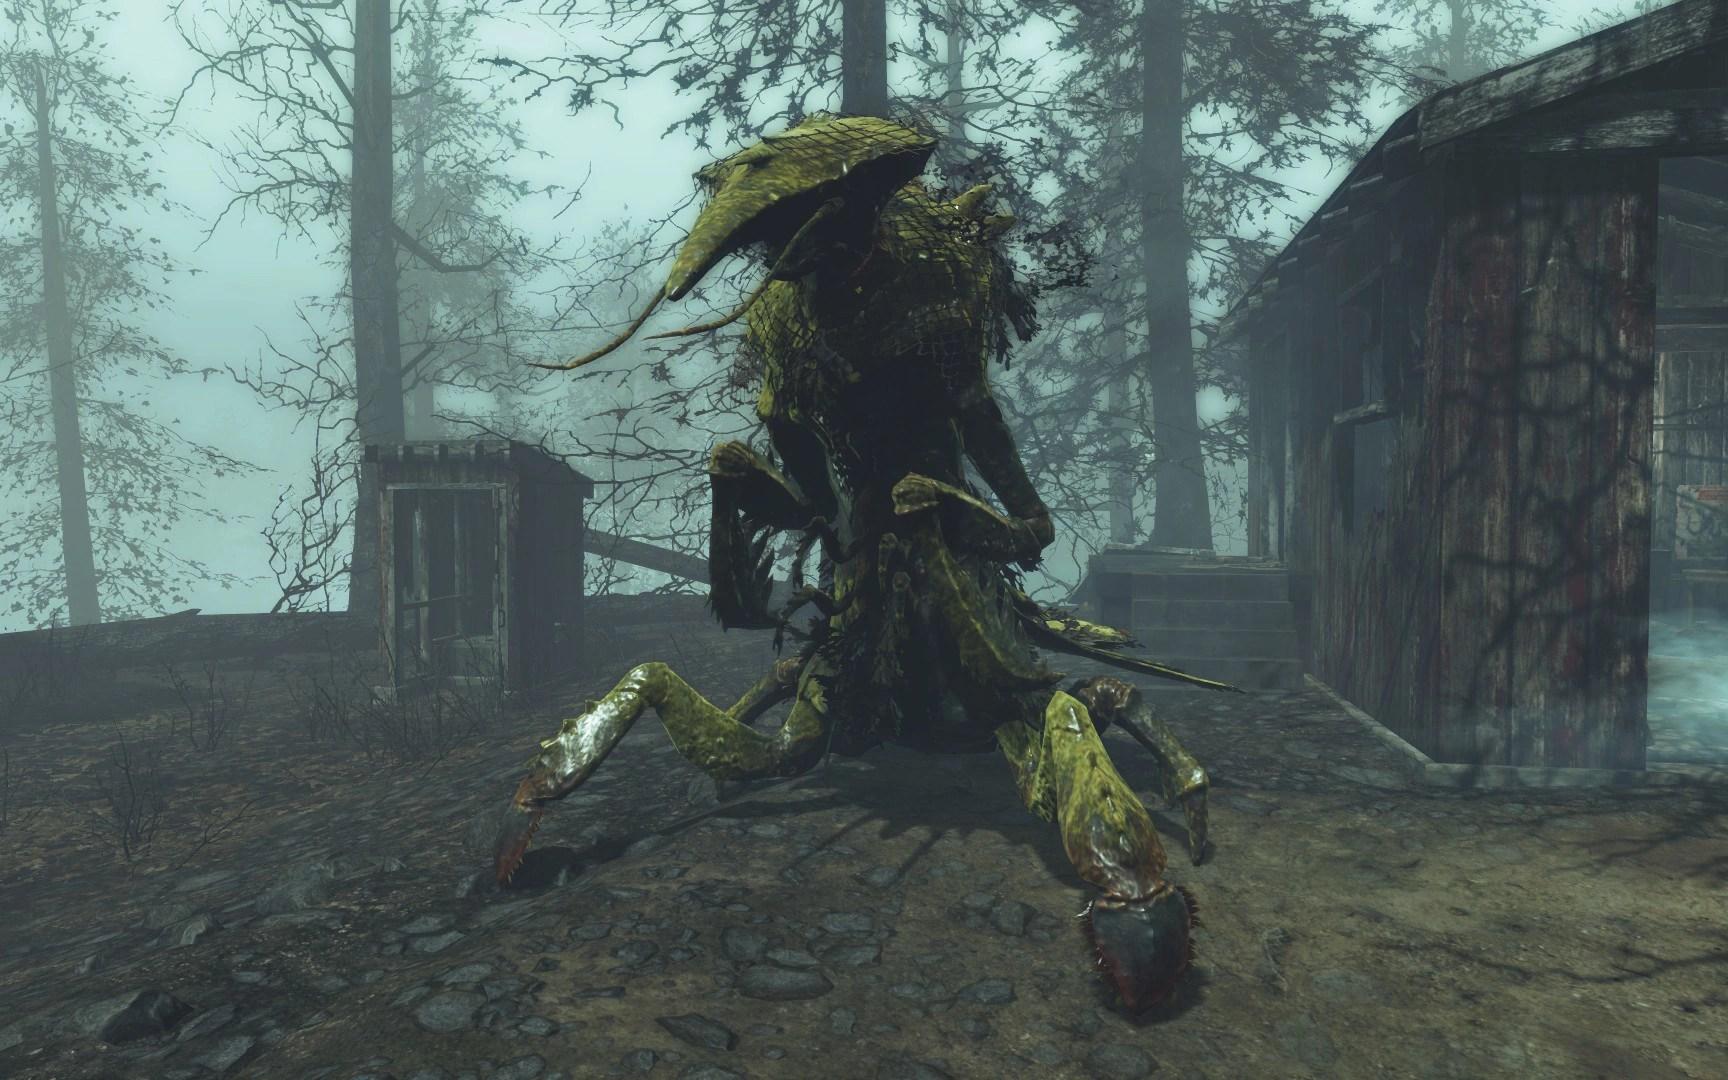 Shipbreaker Creature Fallout Wiki Fandom Powered By